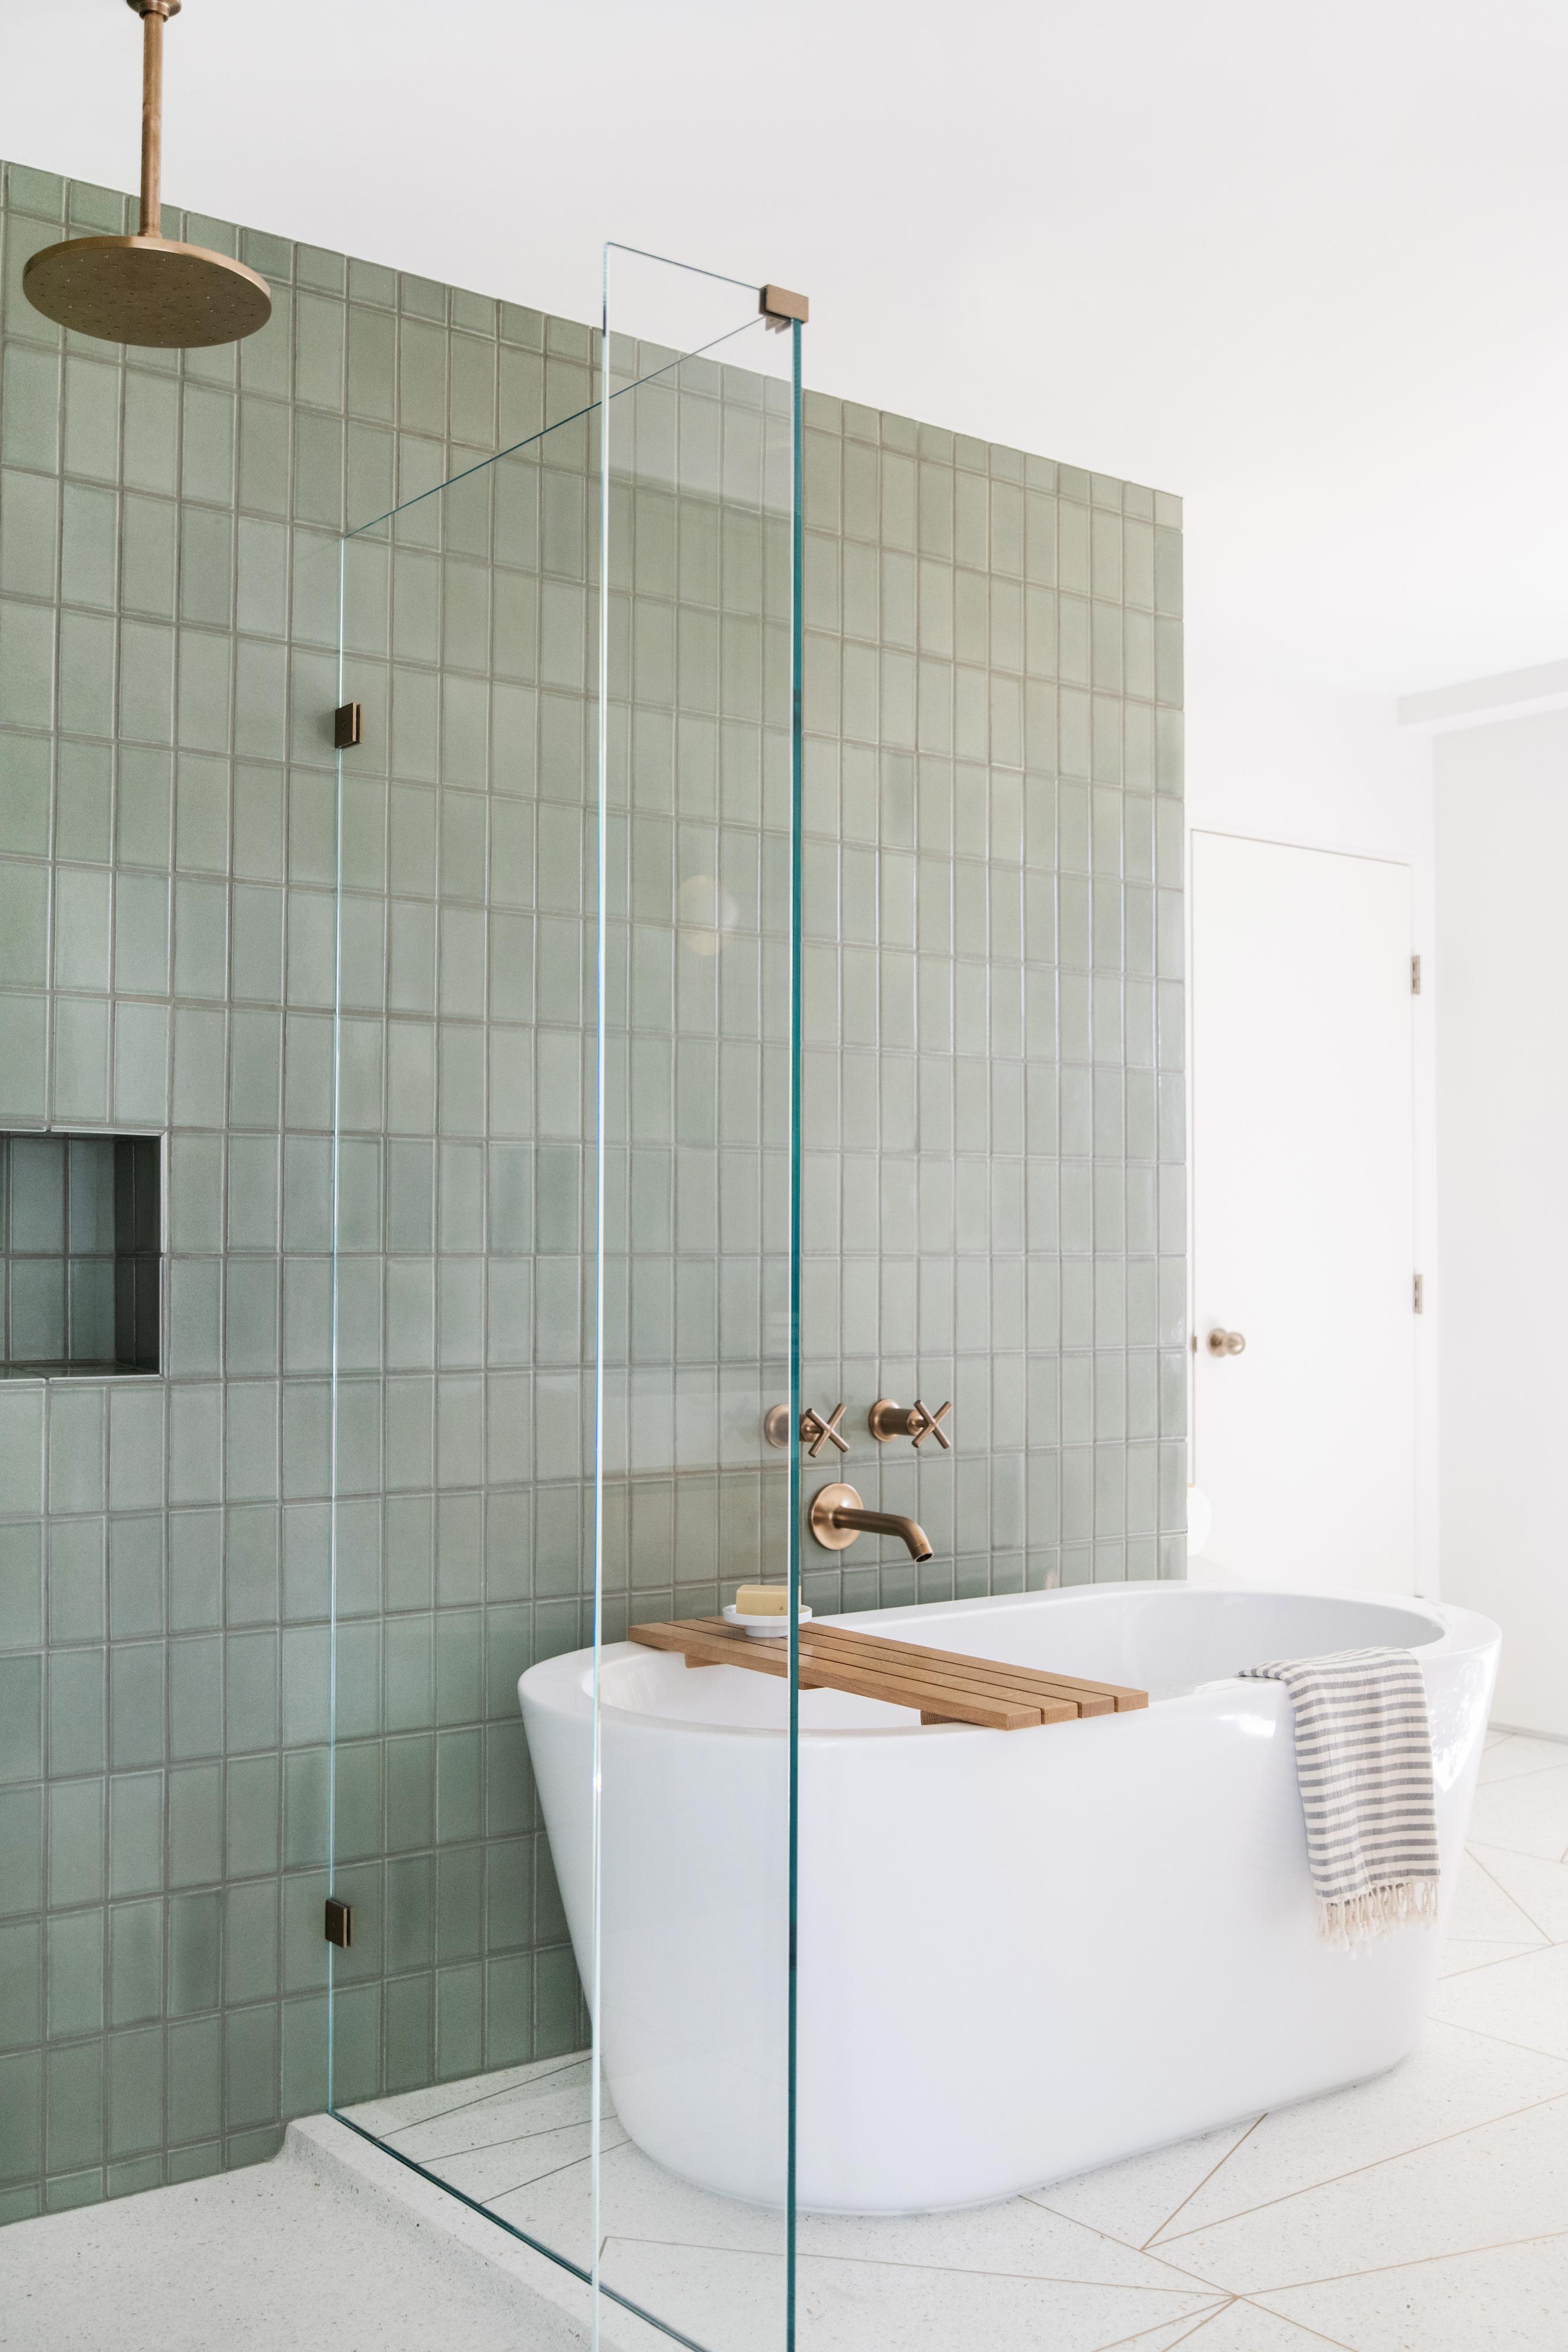 Tile School Bathroom Wall Tile Height How High Fireclay Tile